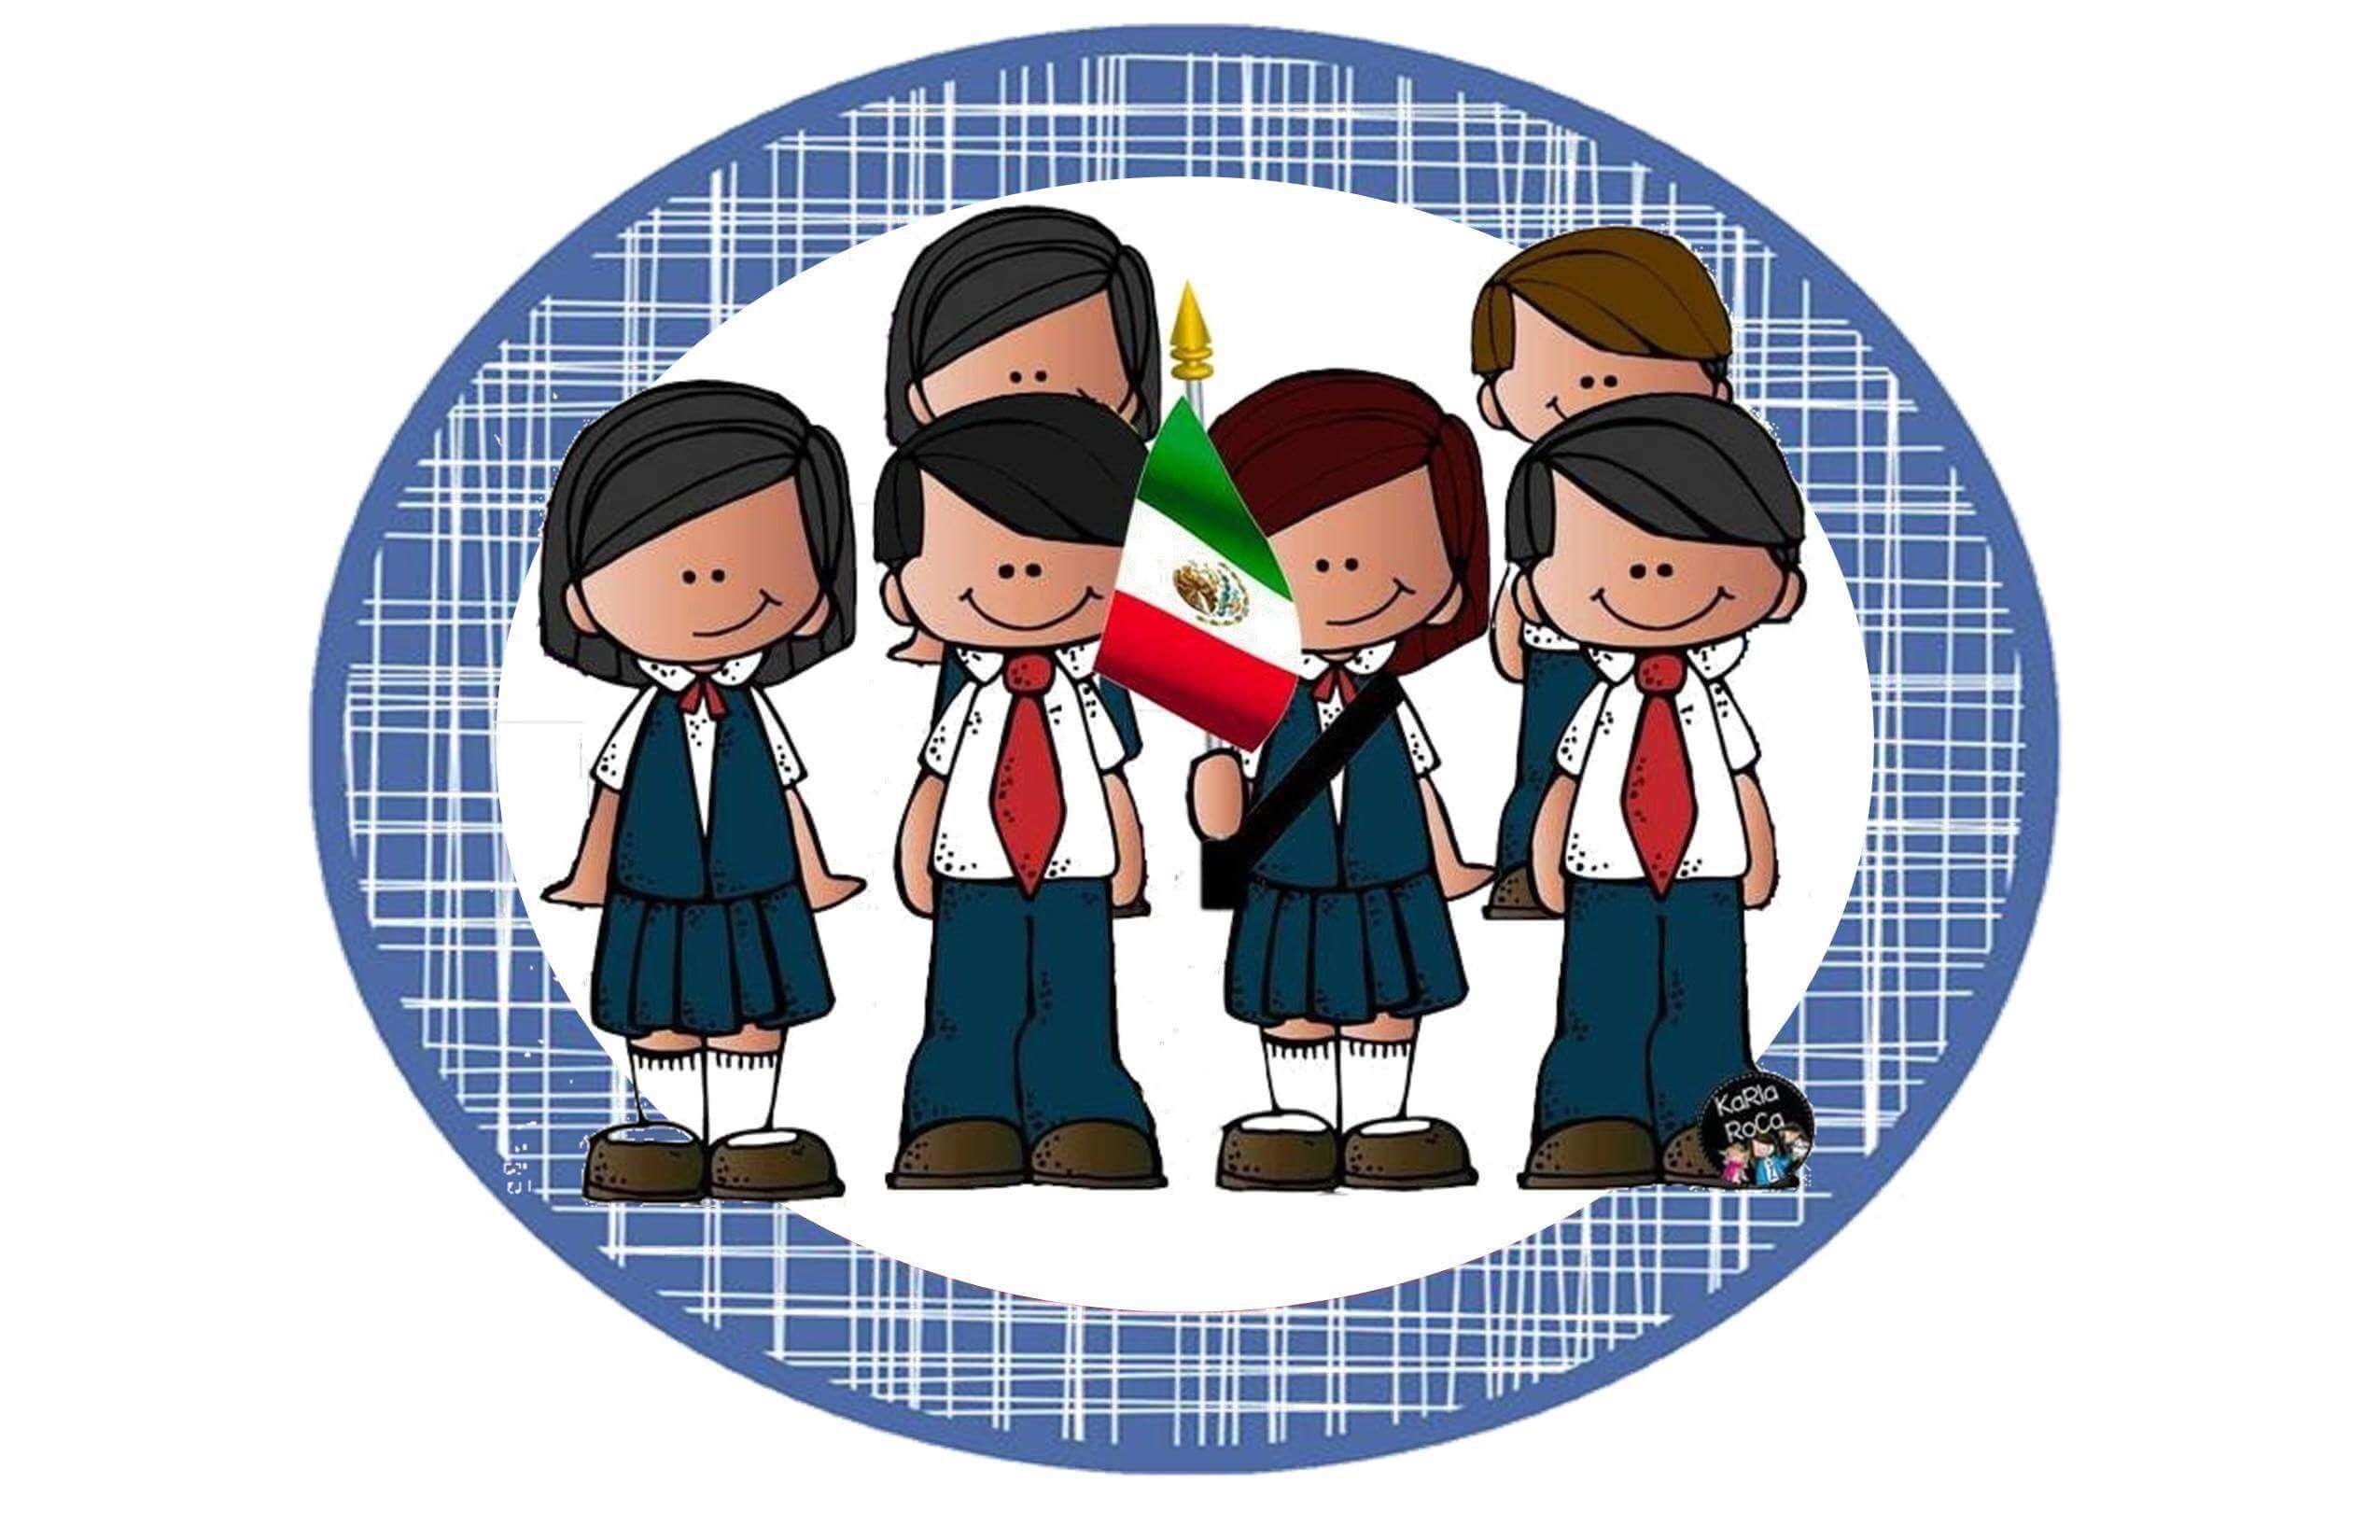 Tabloide Escolta Honores A La Bandera Escolta De Bandera Honores A La Bandera Escoltas Escolares